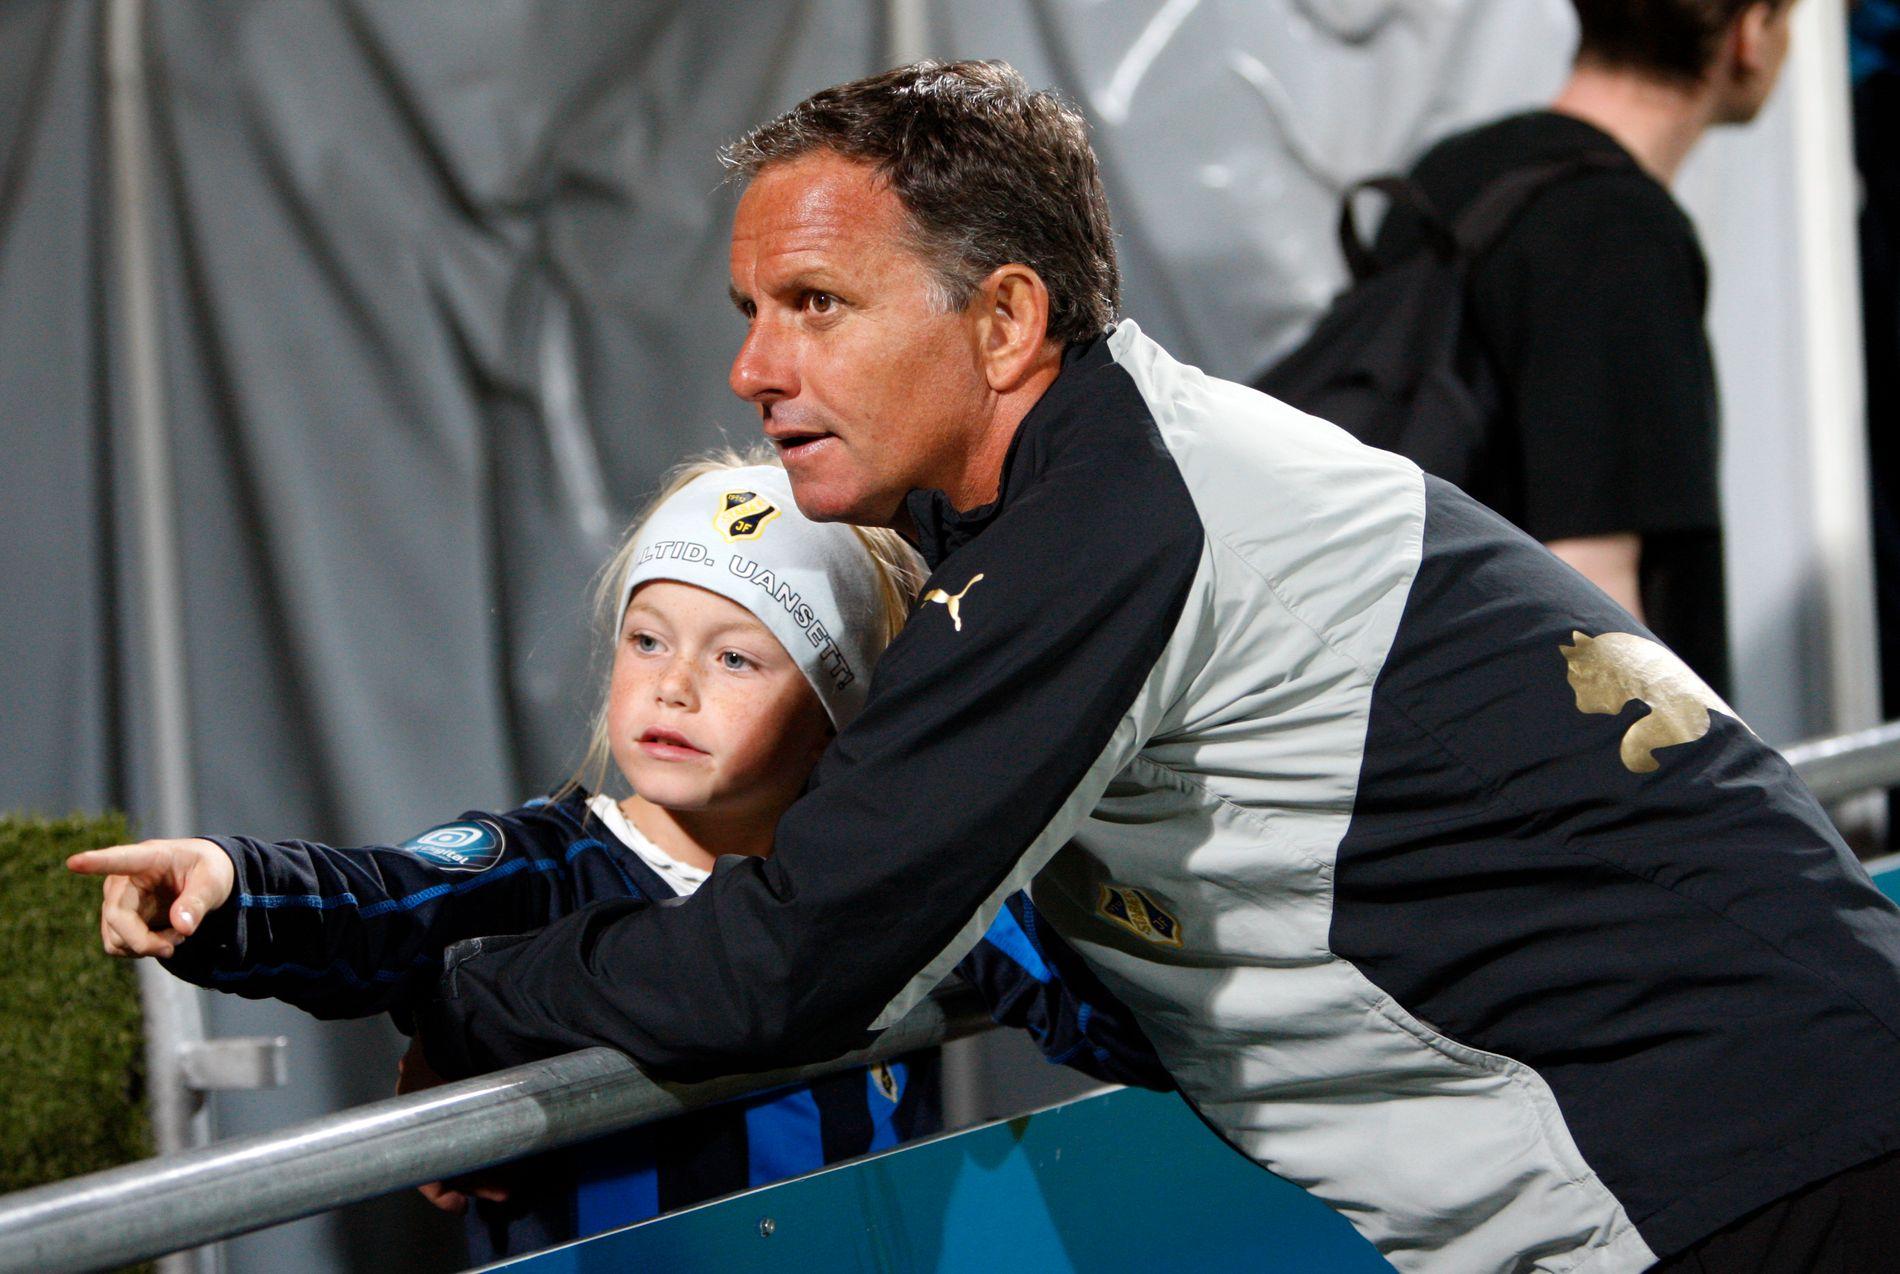 DEN GANG DA: Jan Jönsson og datteren Zara i 2008-sesongen hvor Jönsson ledet Stabæk til seriegull. Her fra en kamp mot Lillestrøm på Åråsen.